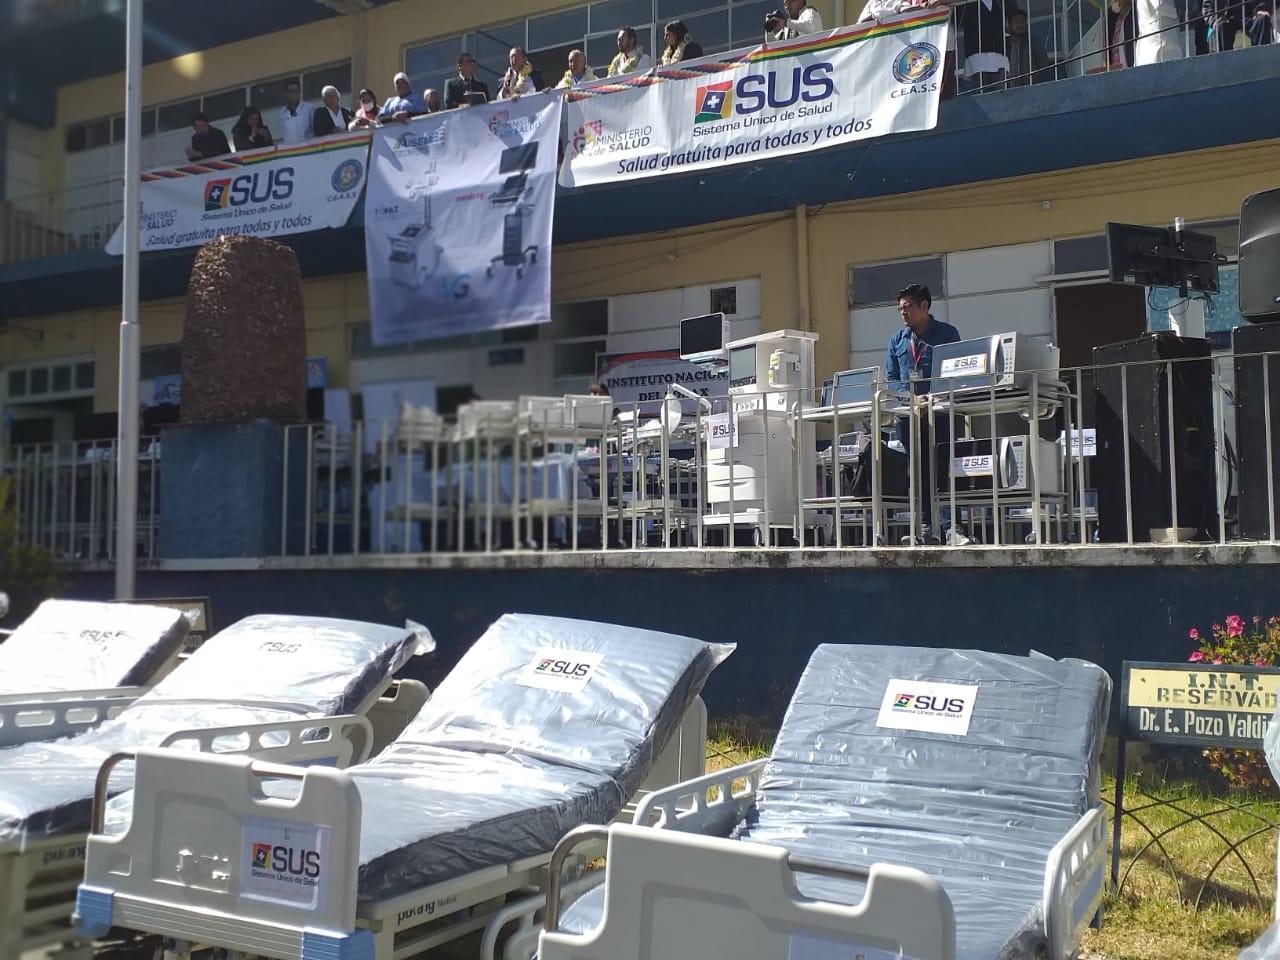 Ministerio de Salud entrega equipamiento y fármacos a 3 hospitales de tercer nivel del complejo hospitalario Miraflores